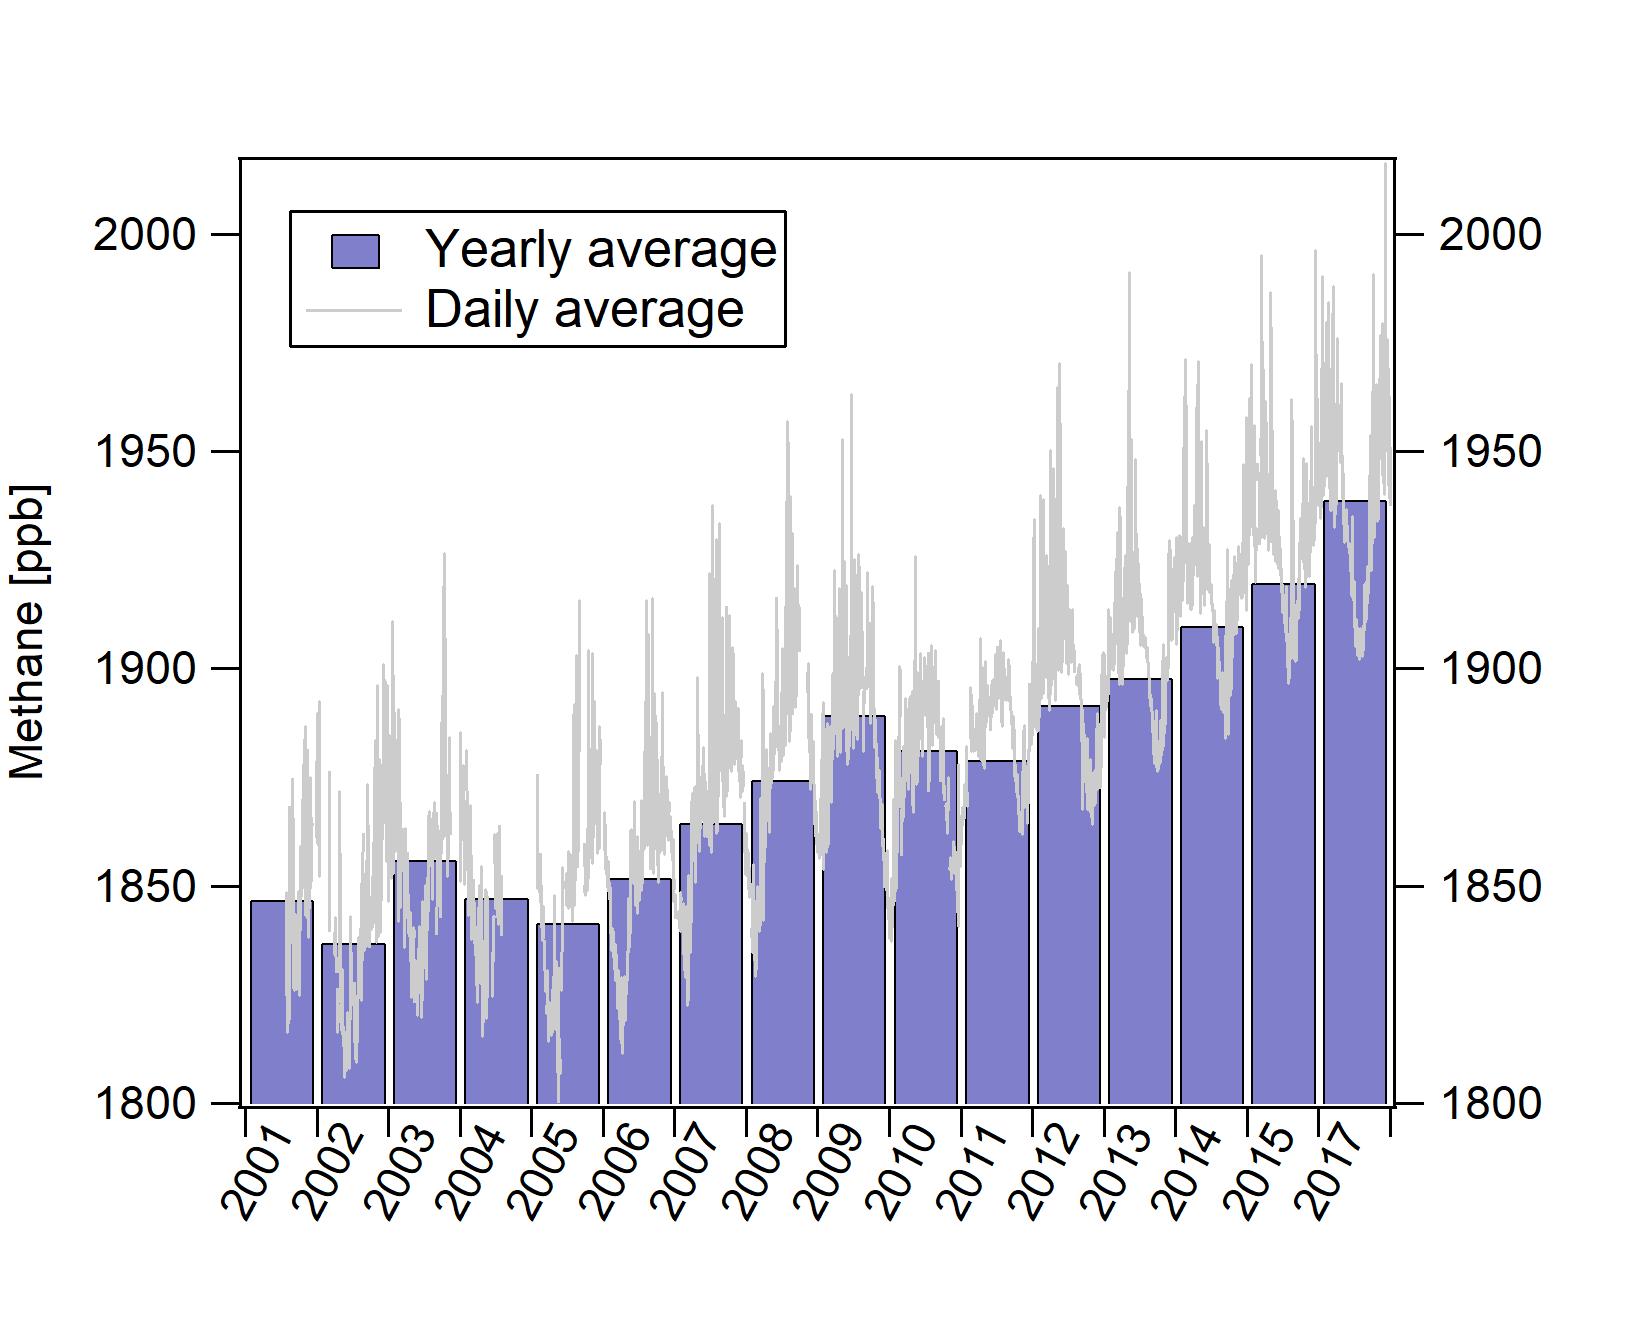 Figur som viser årlig gjennomsnitt av metankonsentrasjon i atmosfæren